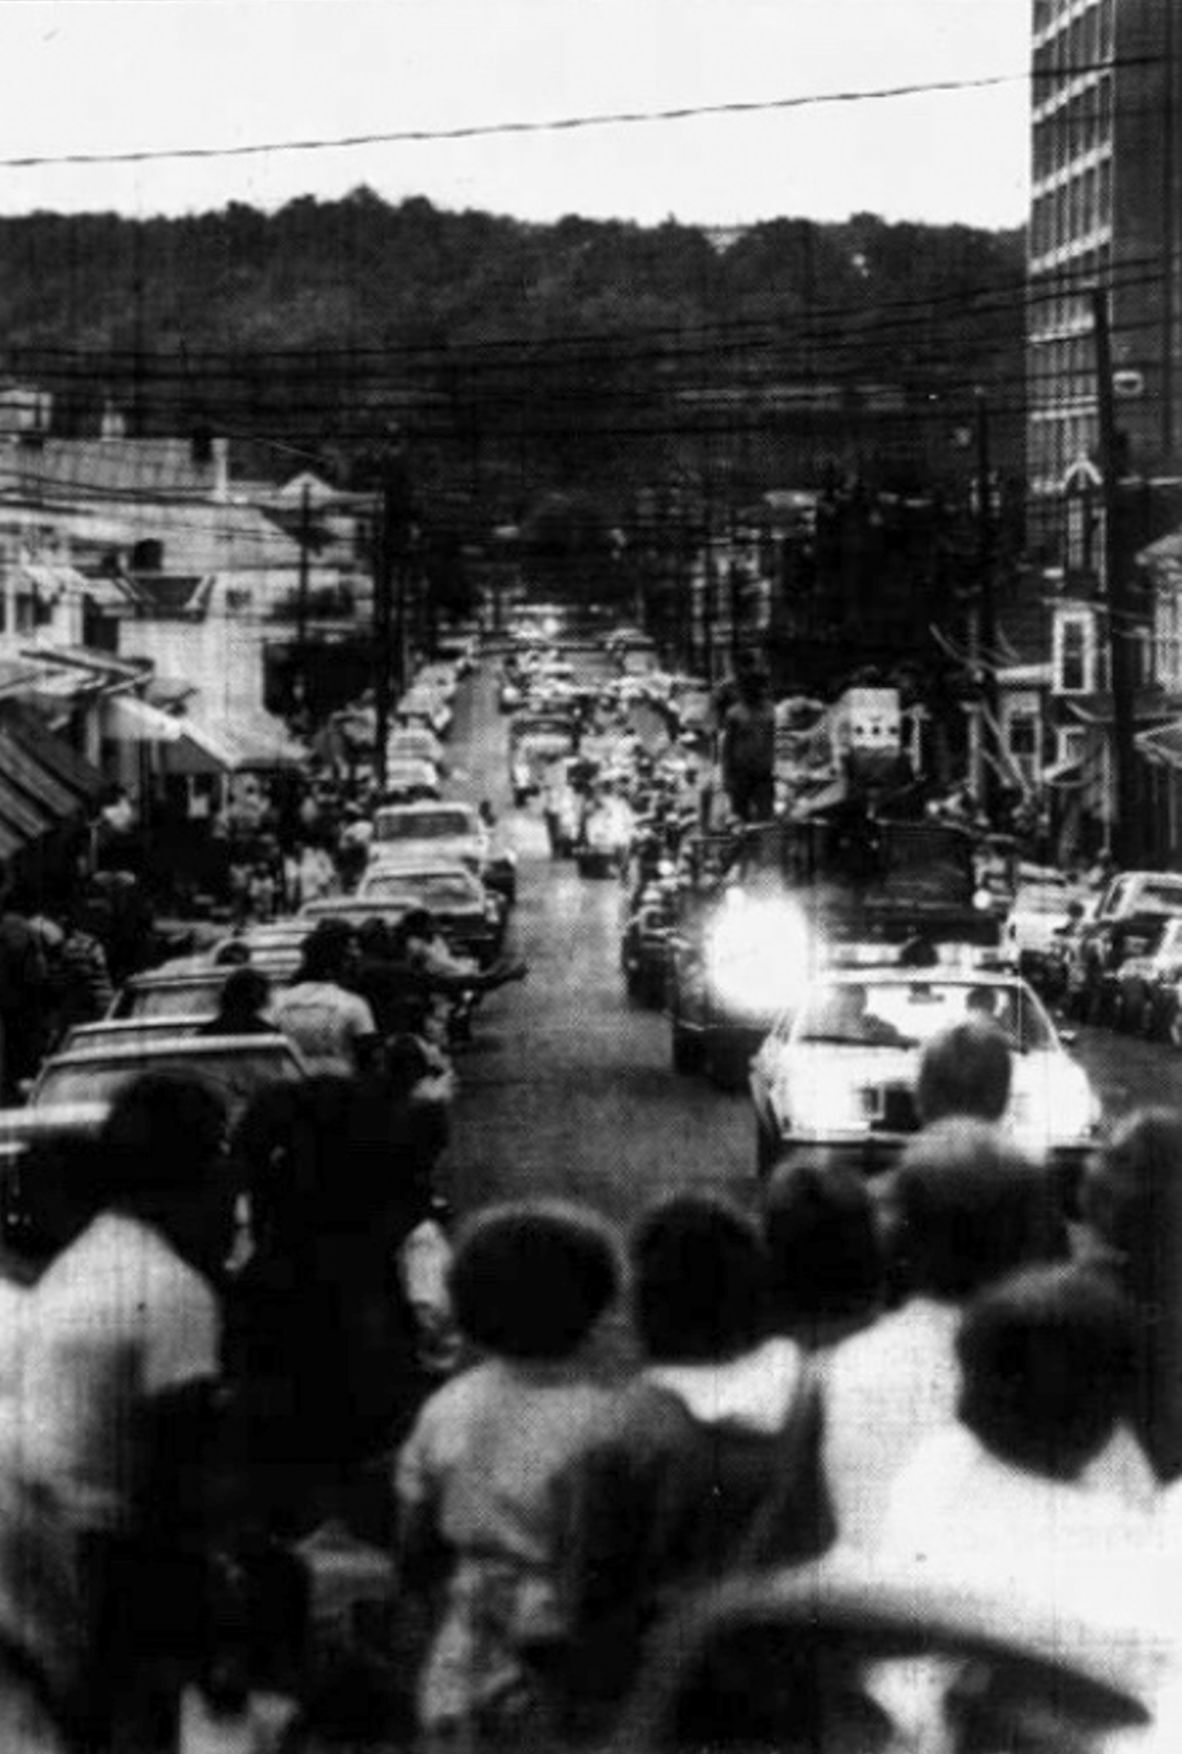 MinersvlleWorldSeries1985_parade